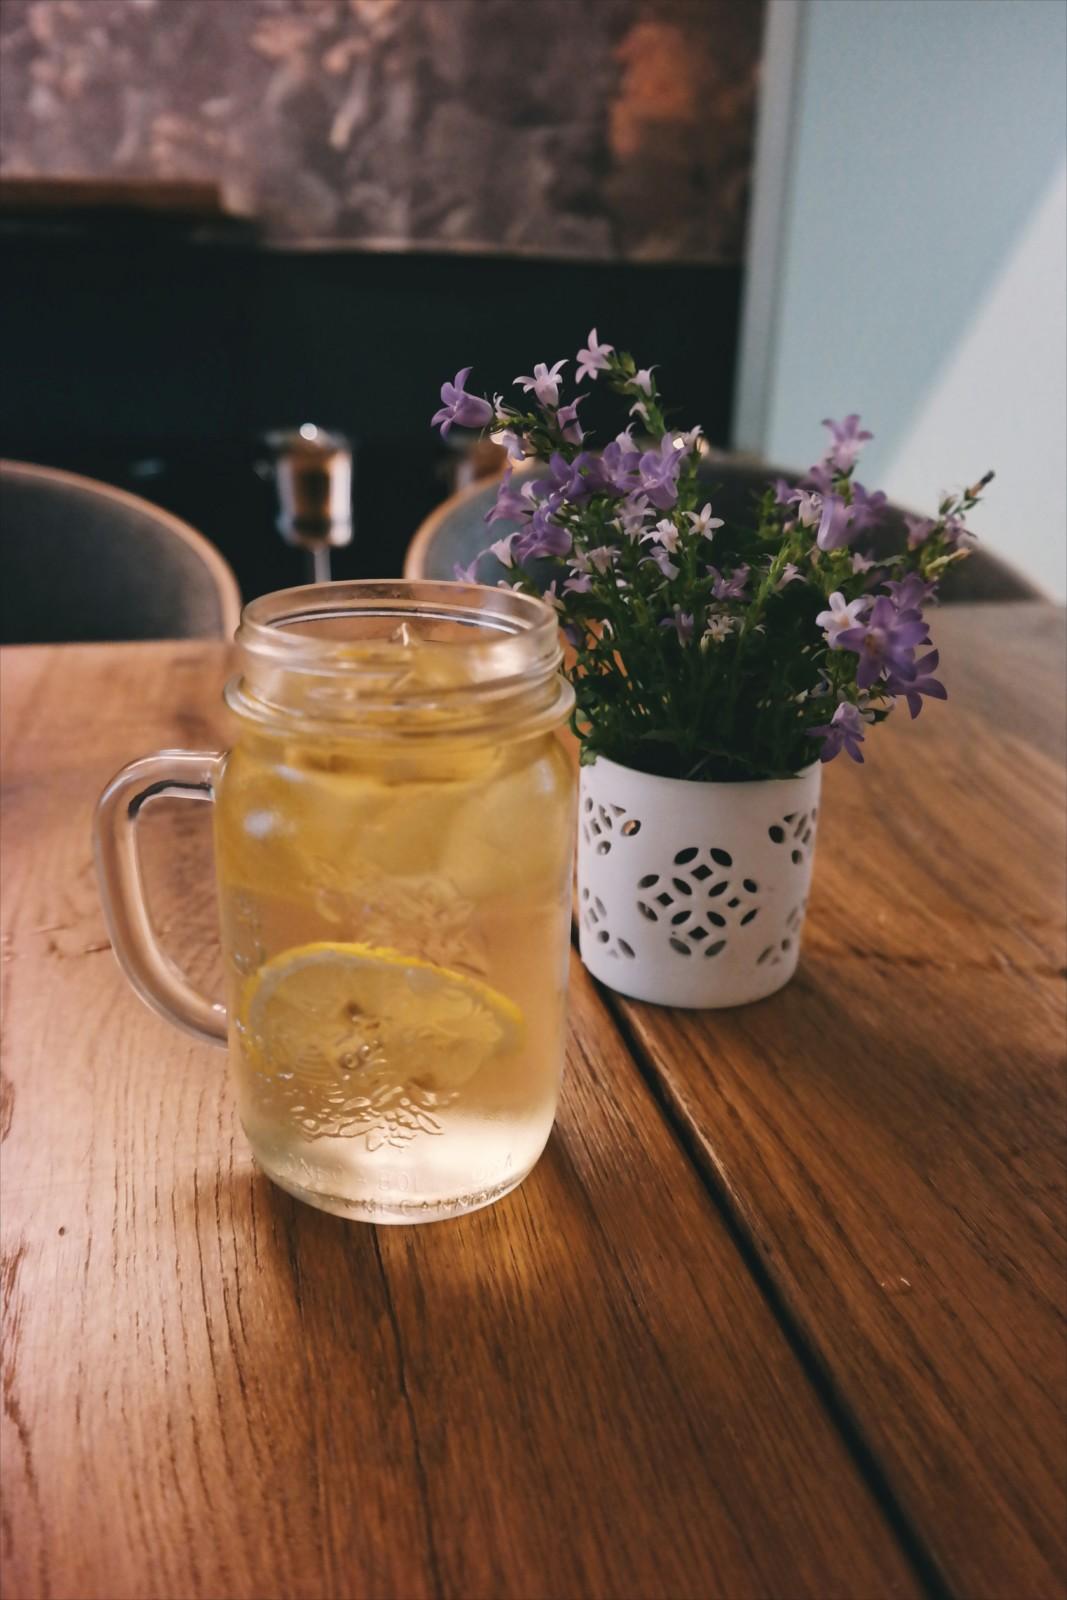 Limonaden und Eistees machen ist nicht schwierig - und die Grundzutat, gutes Wasser, ist sowieso vorhanden. Foto: Pexels